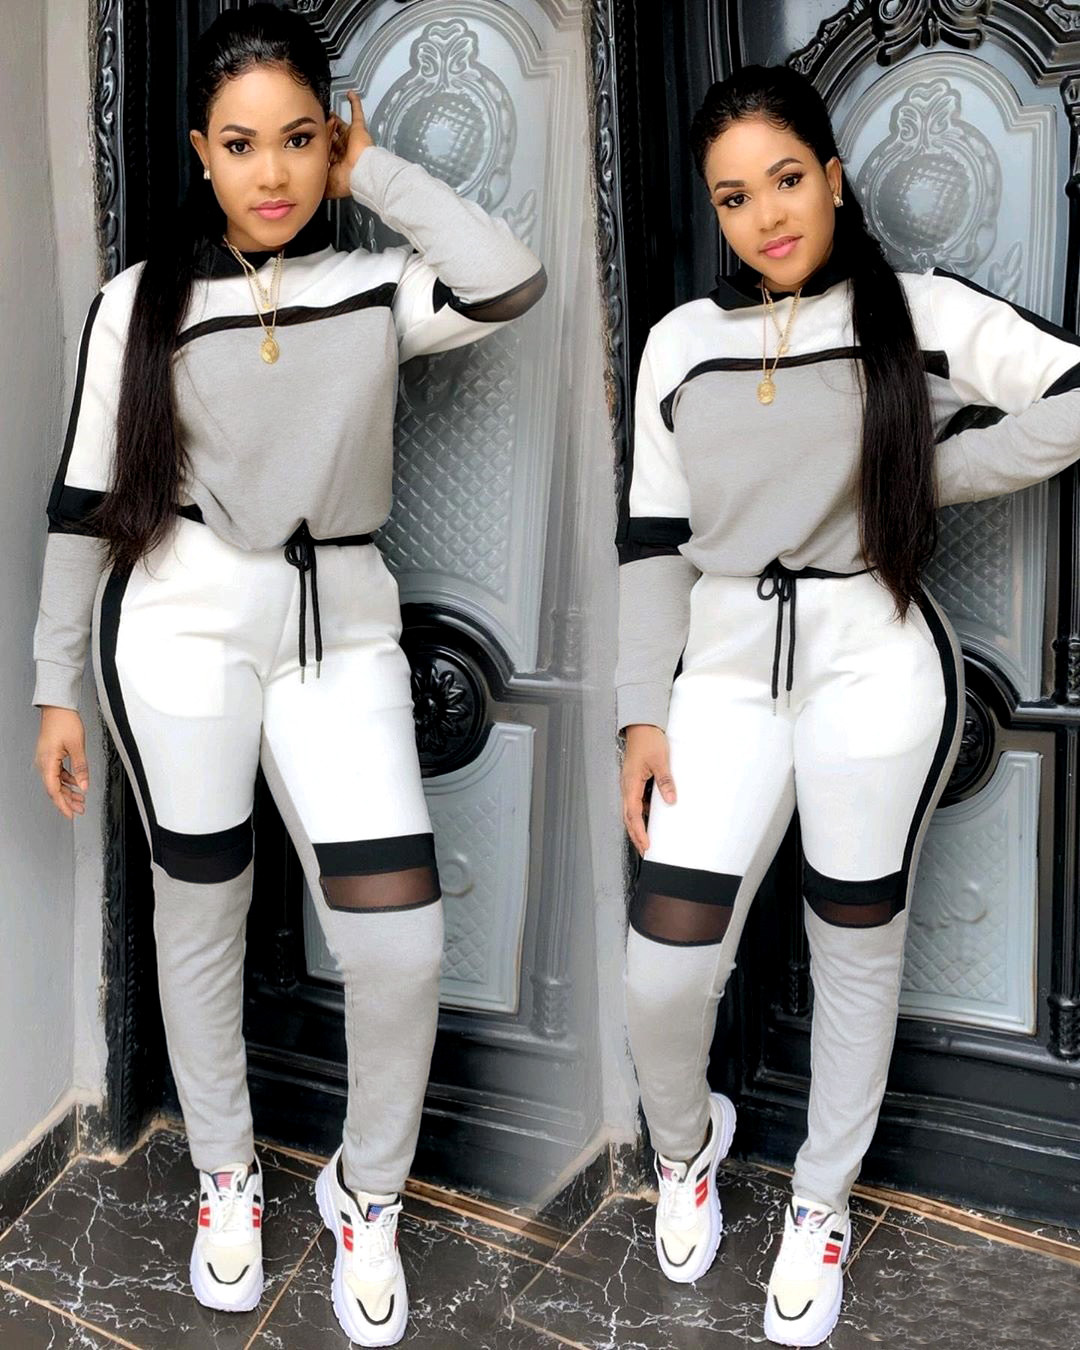 2019 outono inverno mulheres long-sleeved camisola top calças corredores terno duas peças set moda sportswear treino outfit